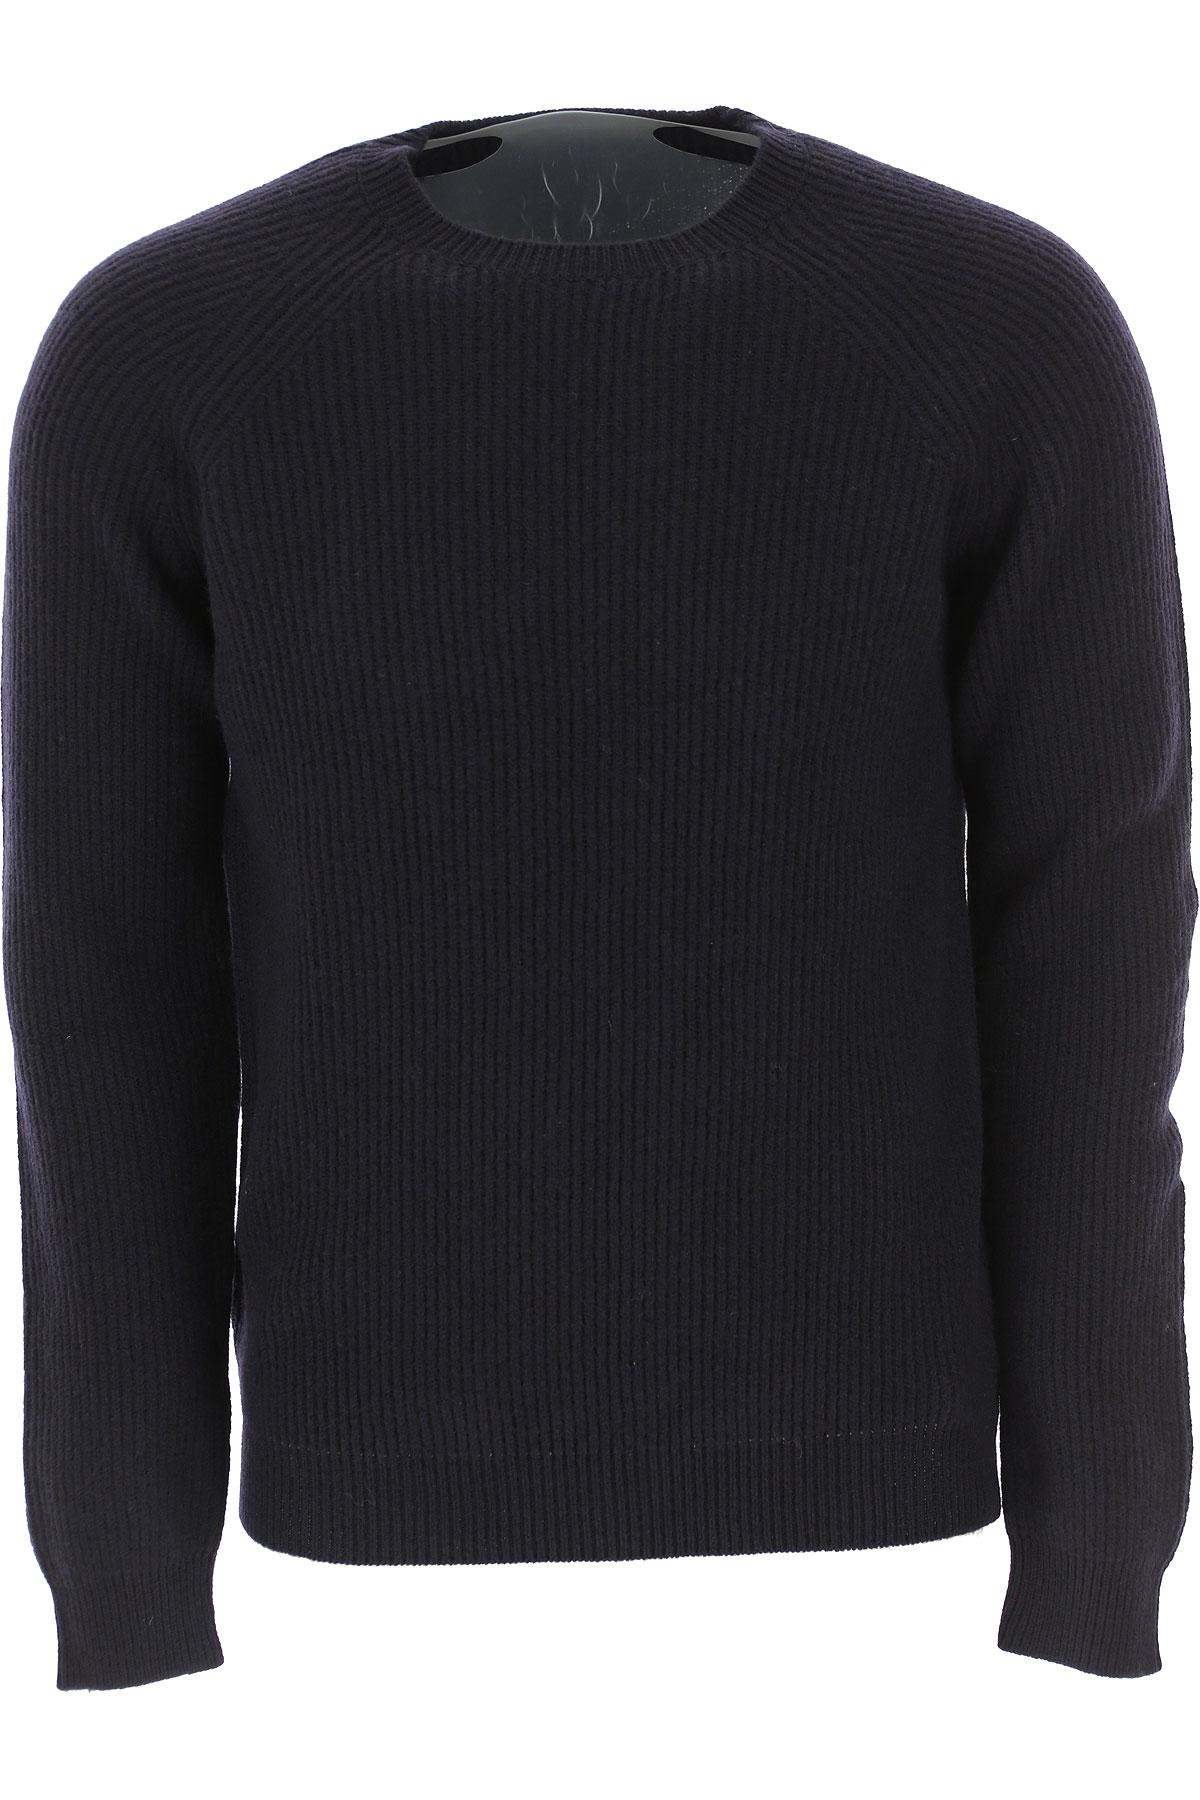 Zanone Sweater for Men Jumper On Sale, Navy Blue, Wool, 2019, XL XXL XXXL